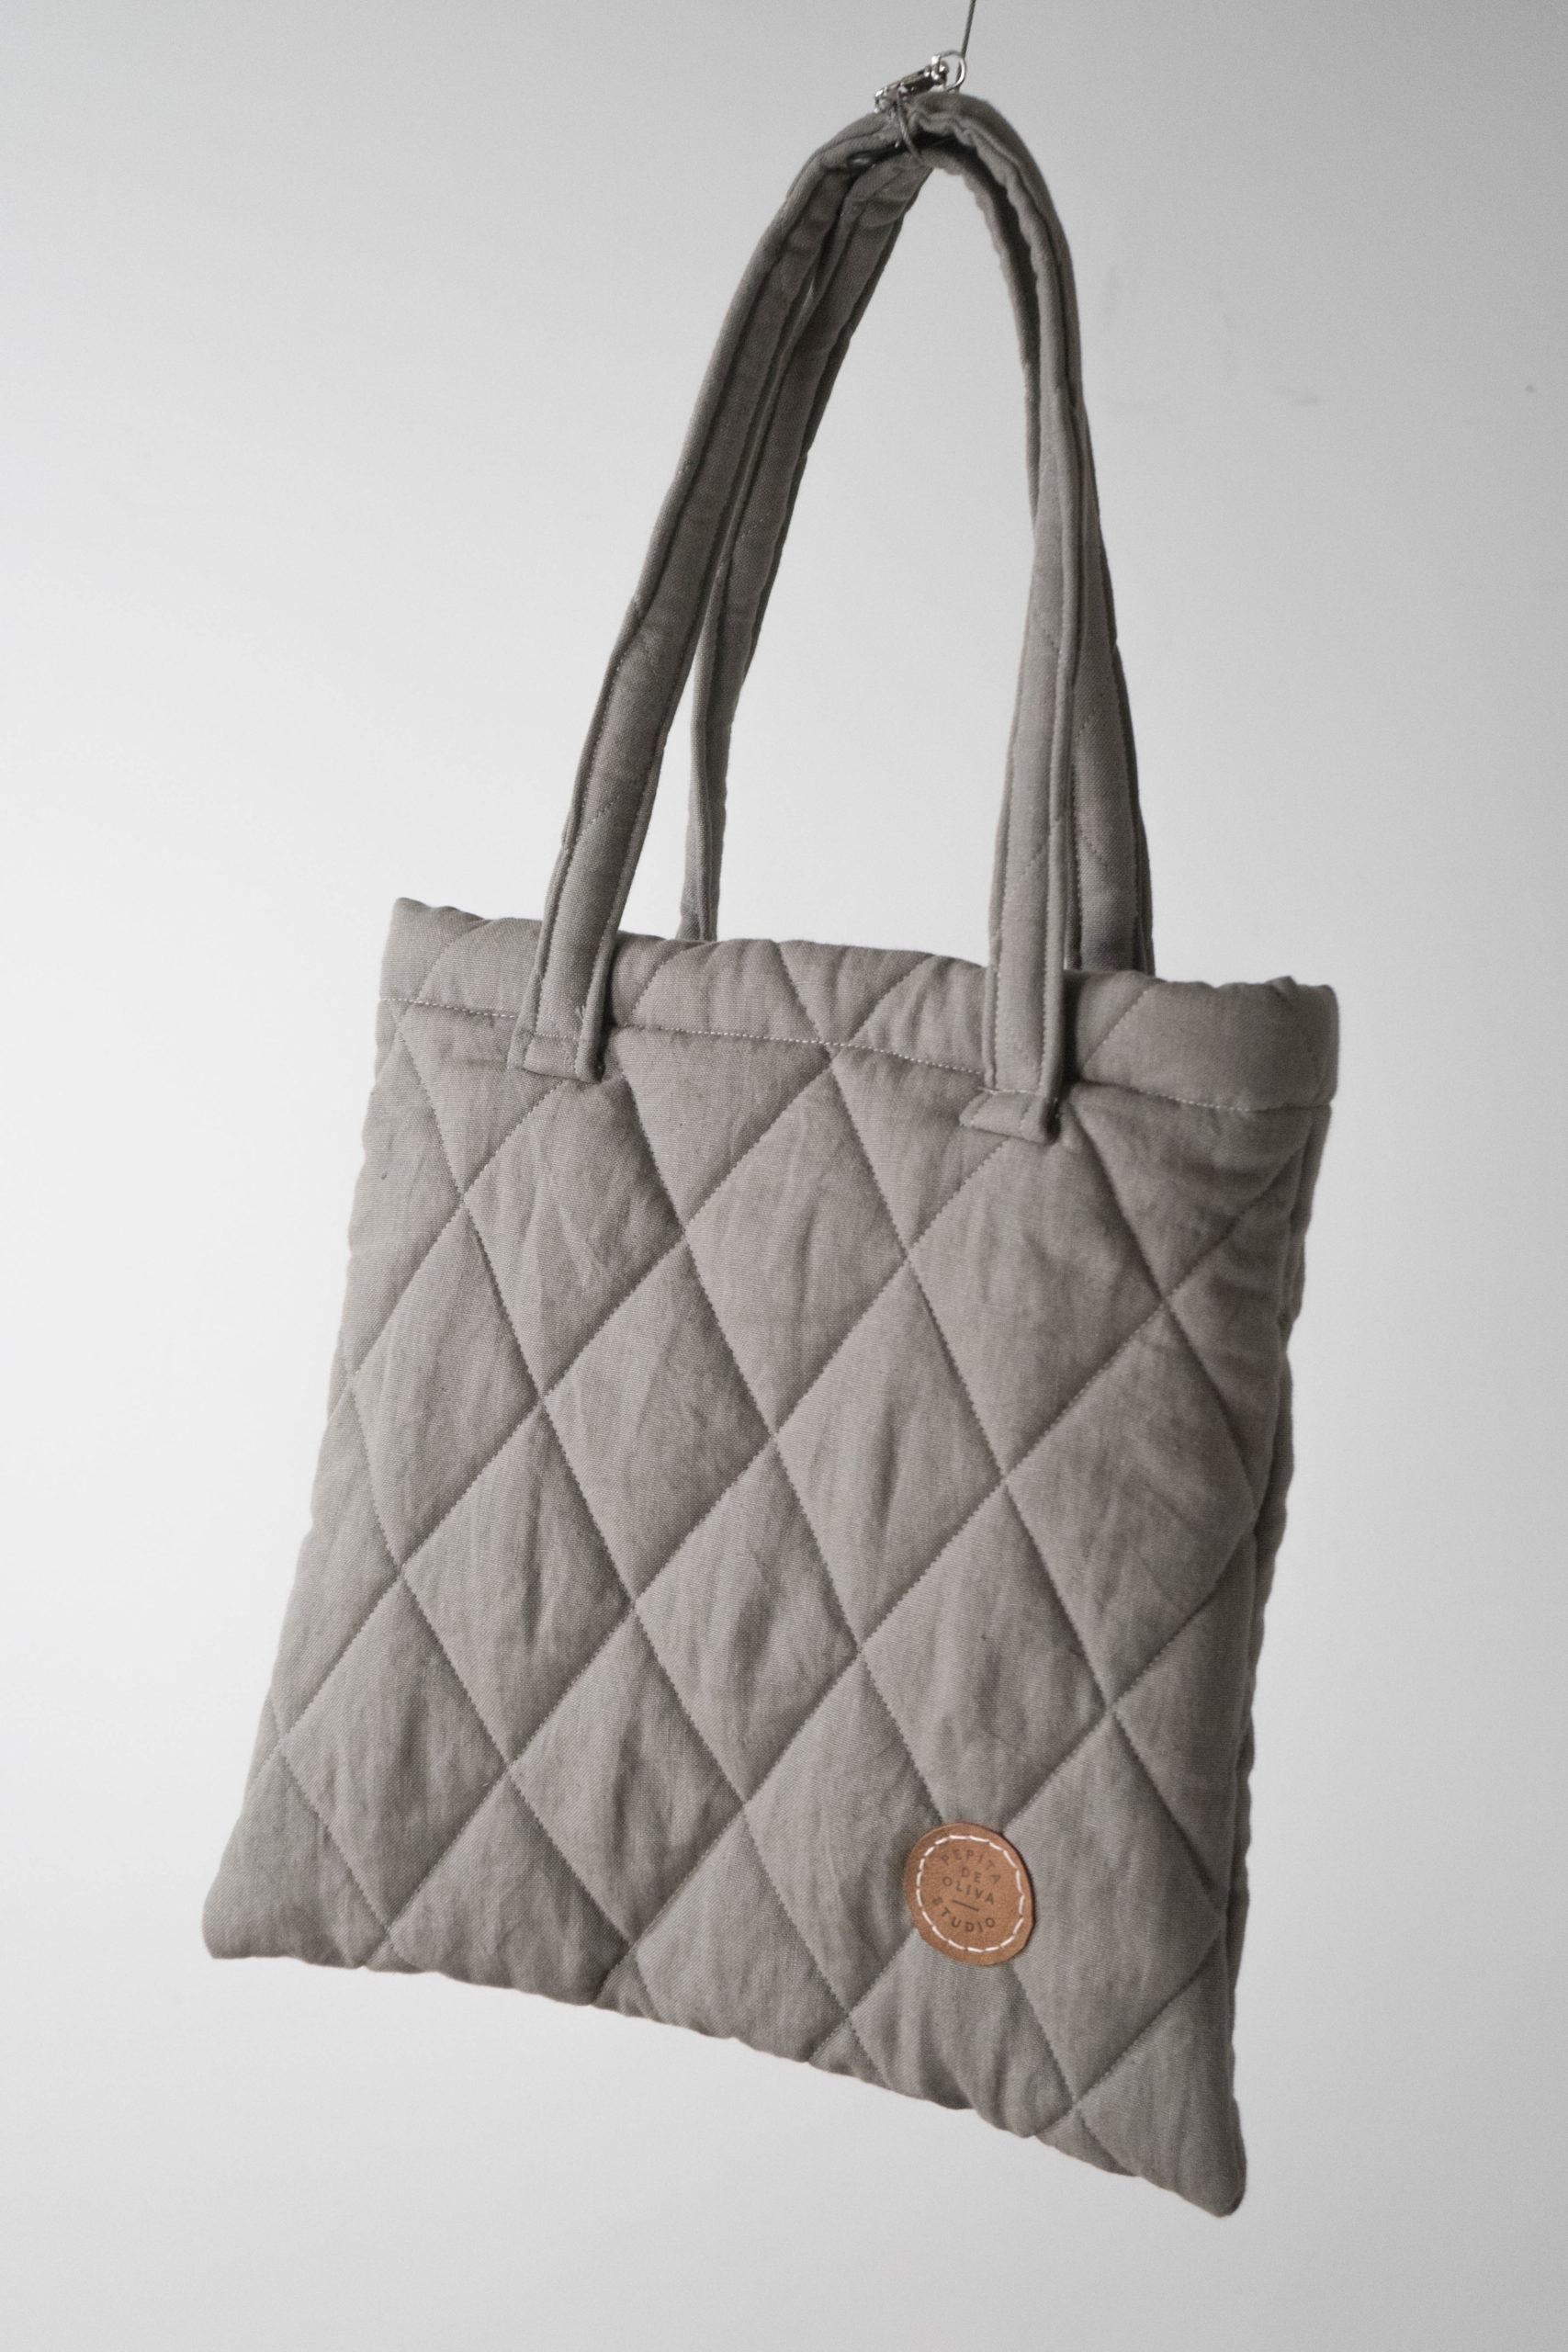 bolsa de tela hecha a mano guata de calidad